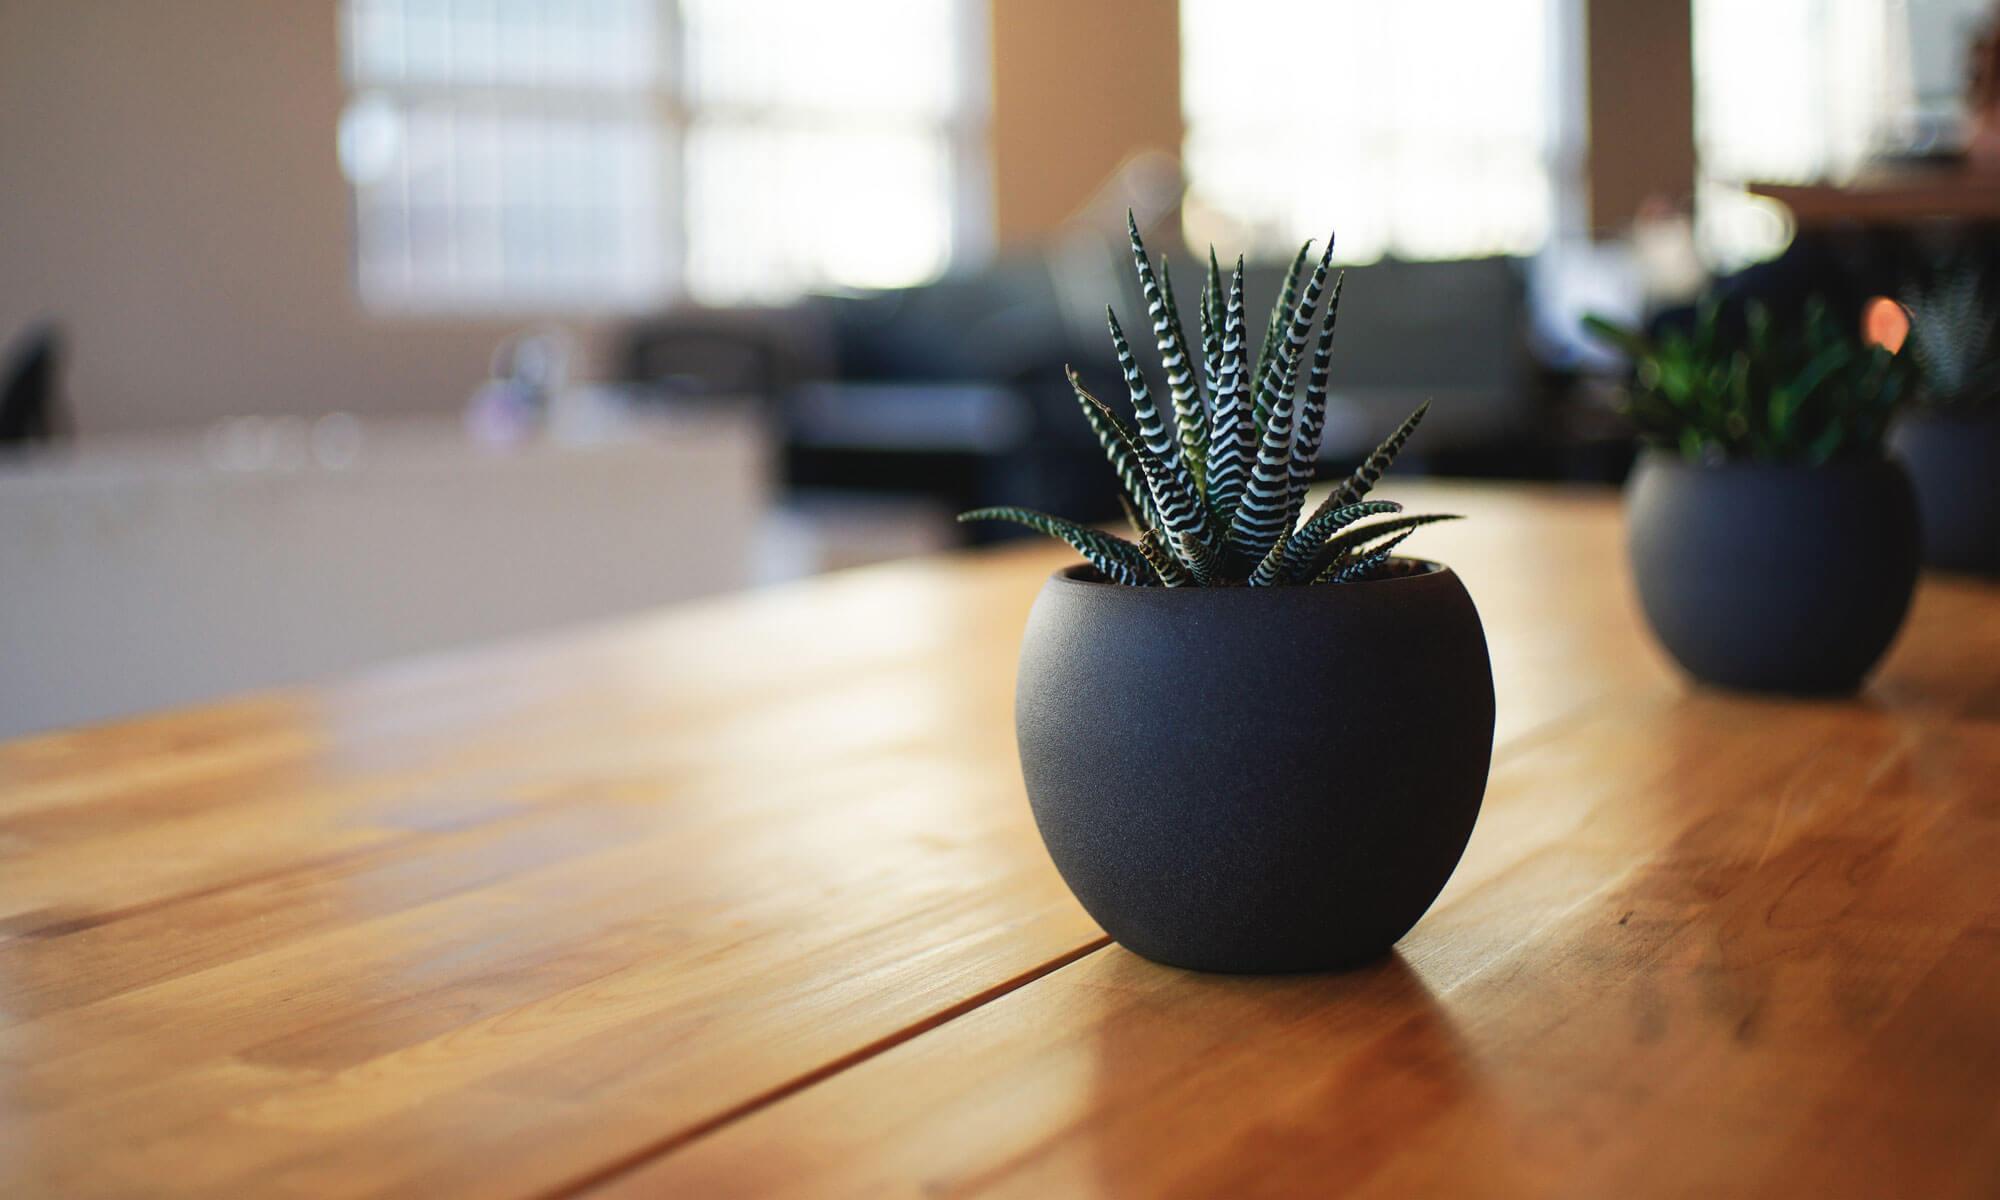 executiveboardroom.net